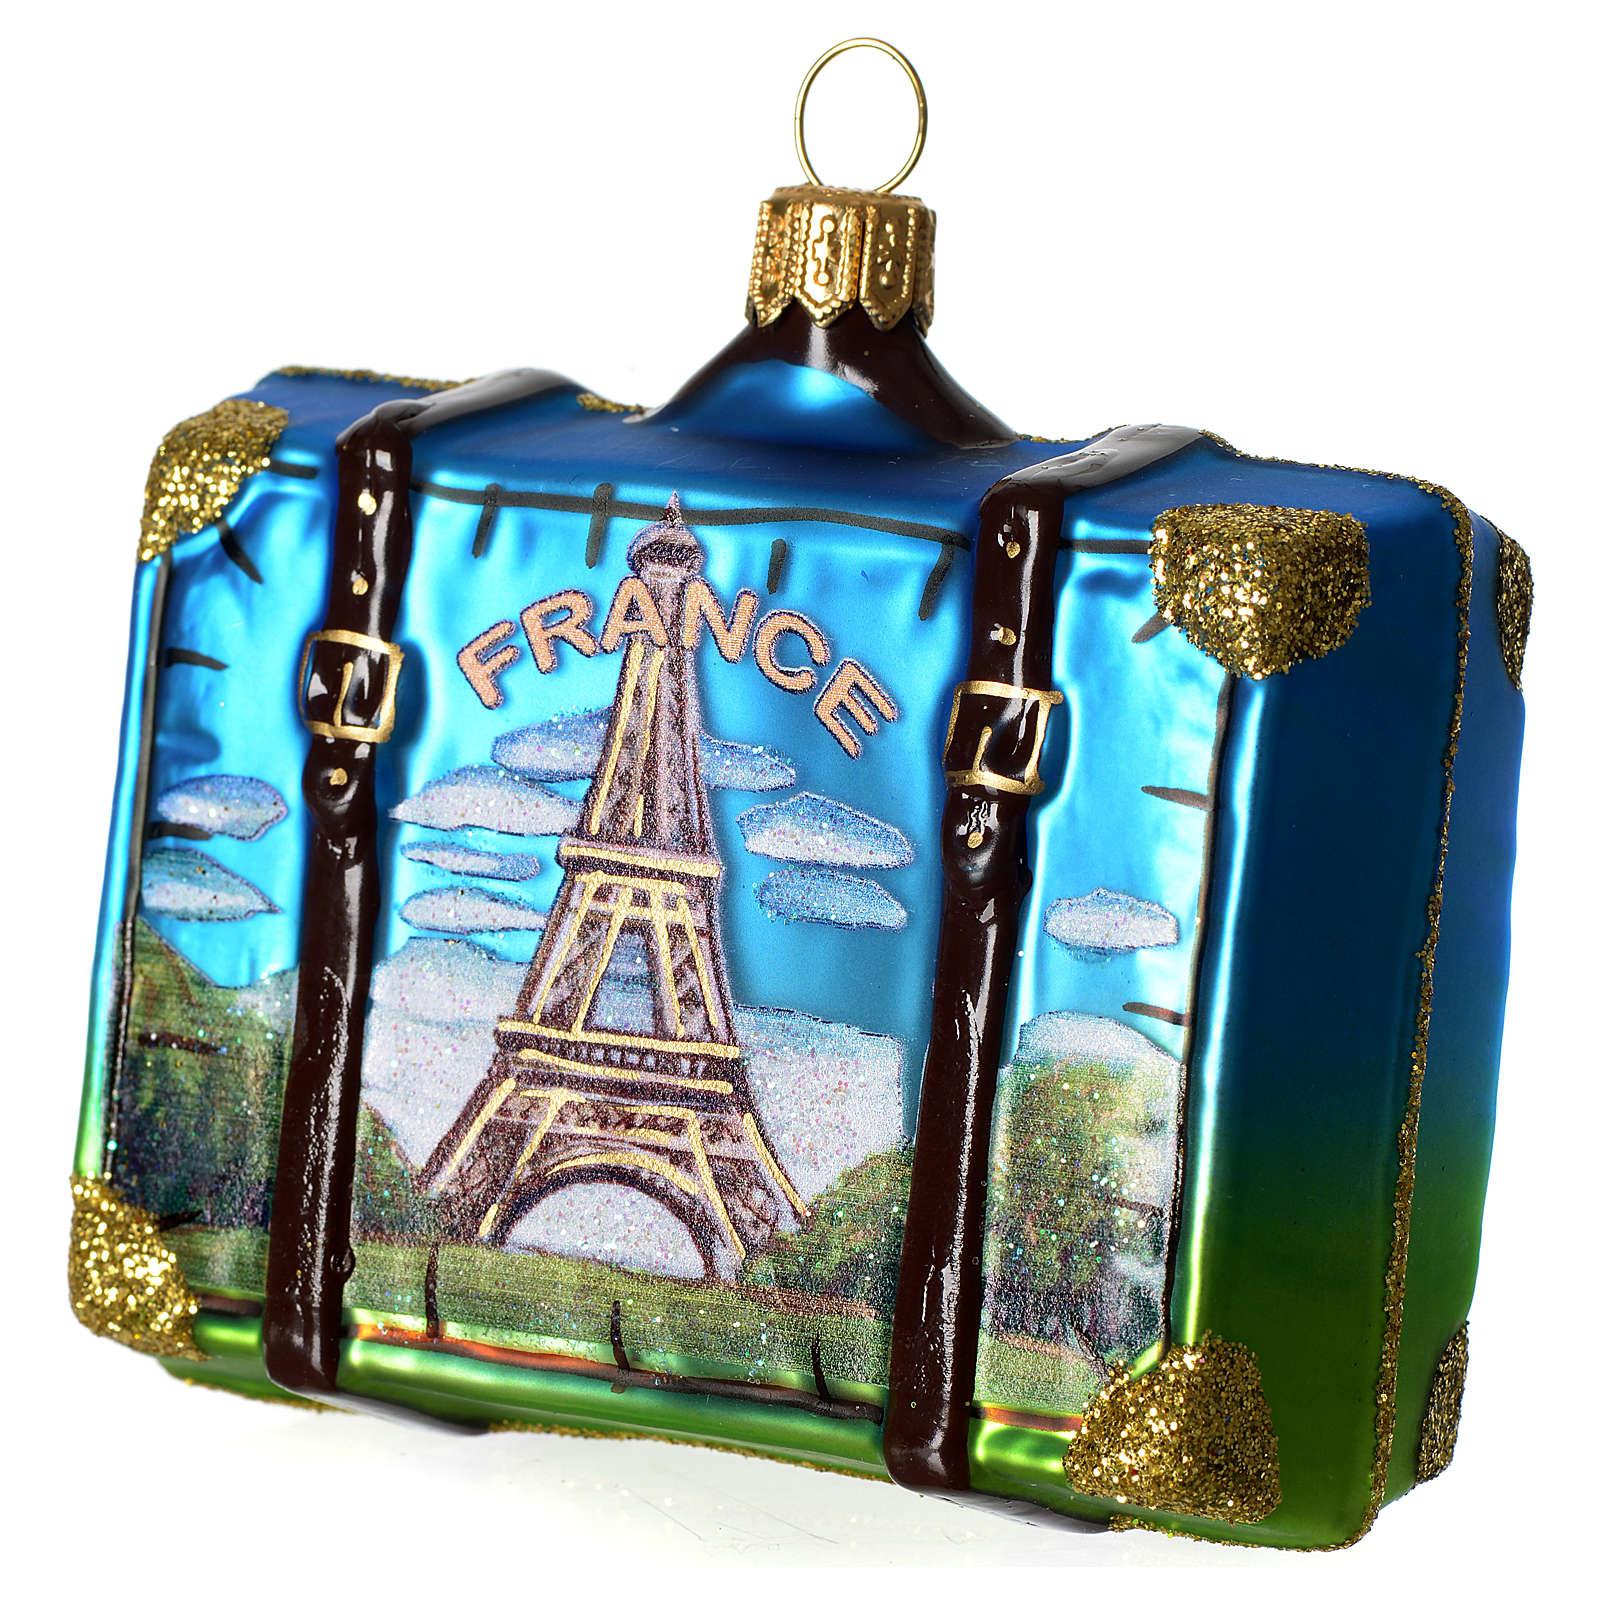 Valigia Francia addobbo vetro soffiato Albero Natale 4